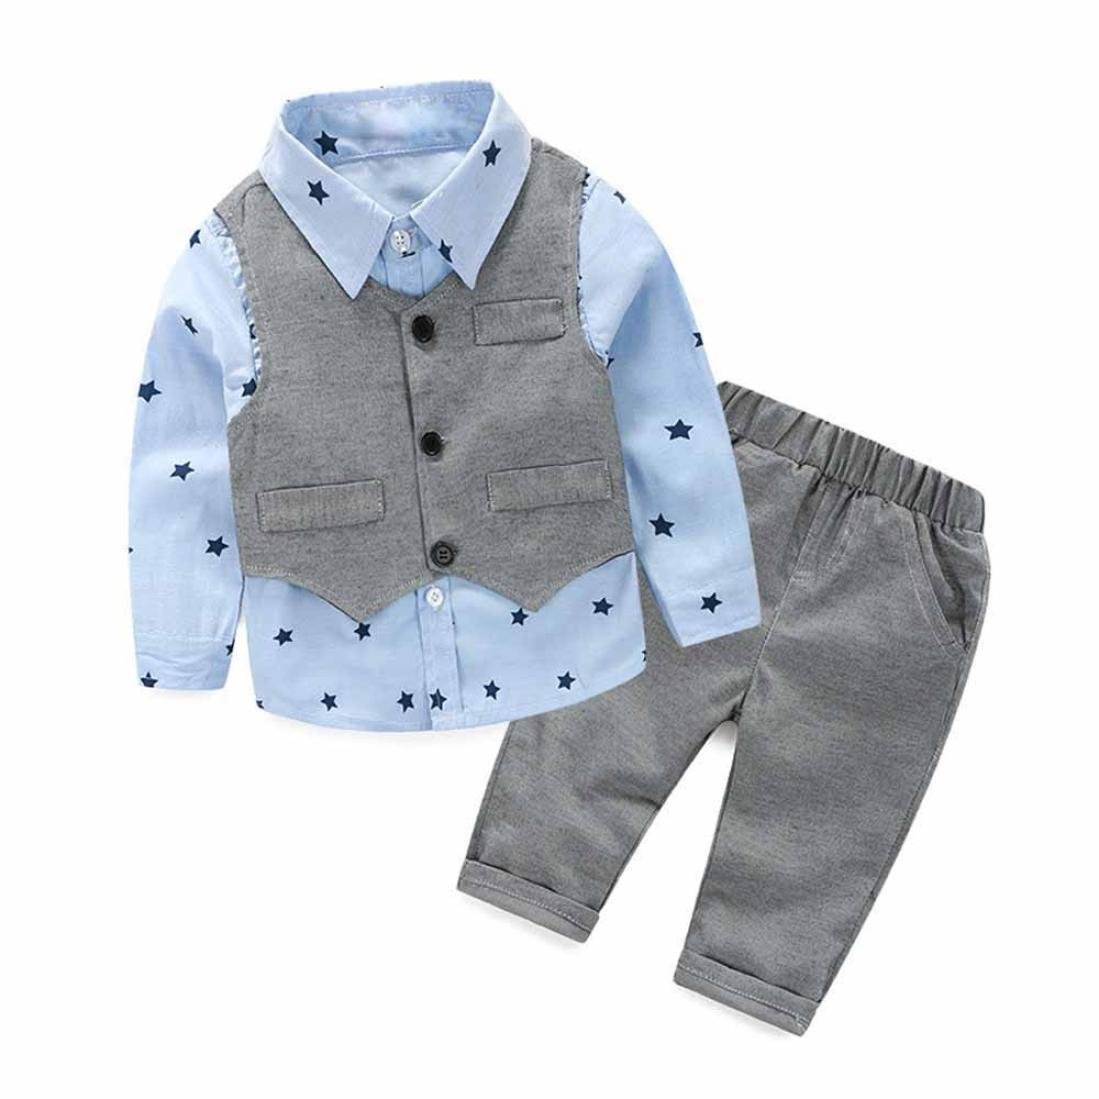 Bluestercool Vêtements enfant bébé garçon Gris Gilet + Pantalon Long + Chemises Ensembles Costume 3 pièces